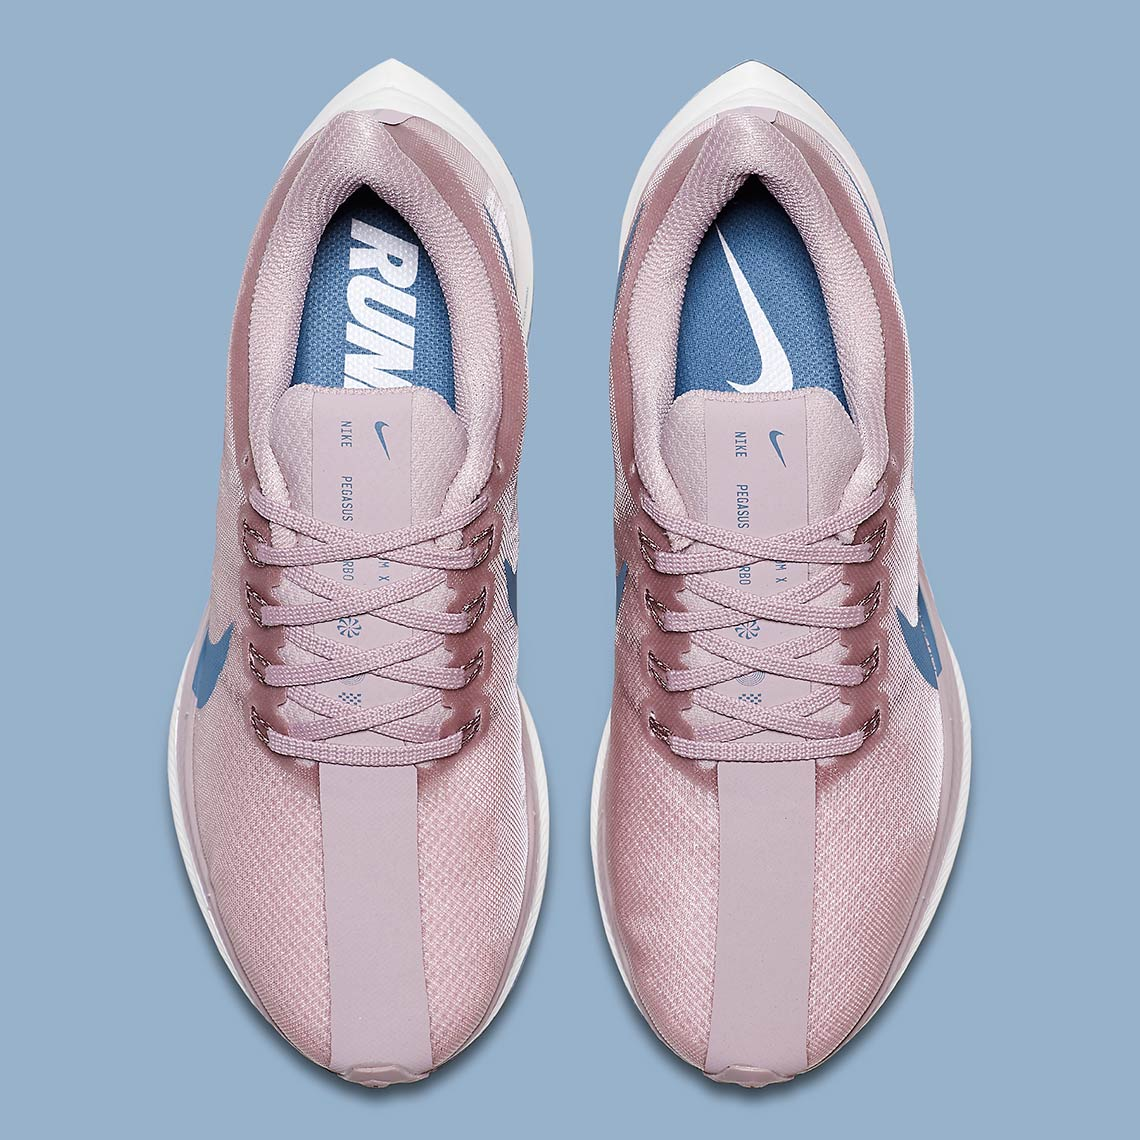 2693a36449c Nike Zoom Pegasus 35 Turbo AJ4115-646 Buy Now